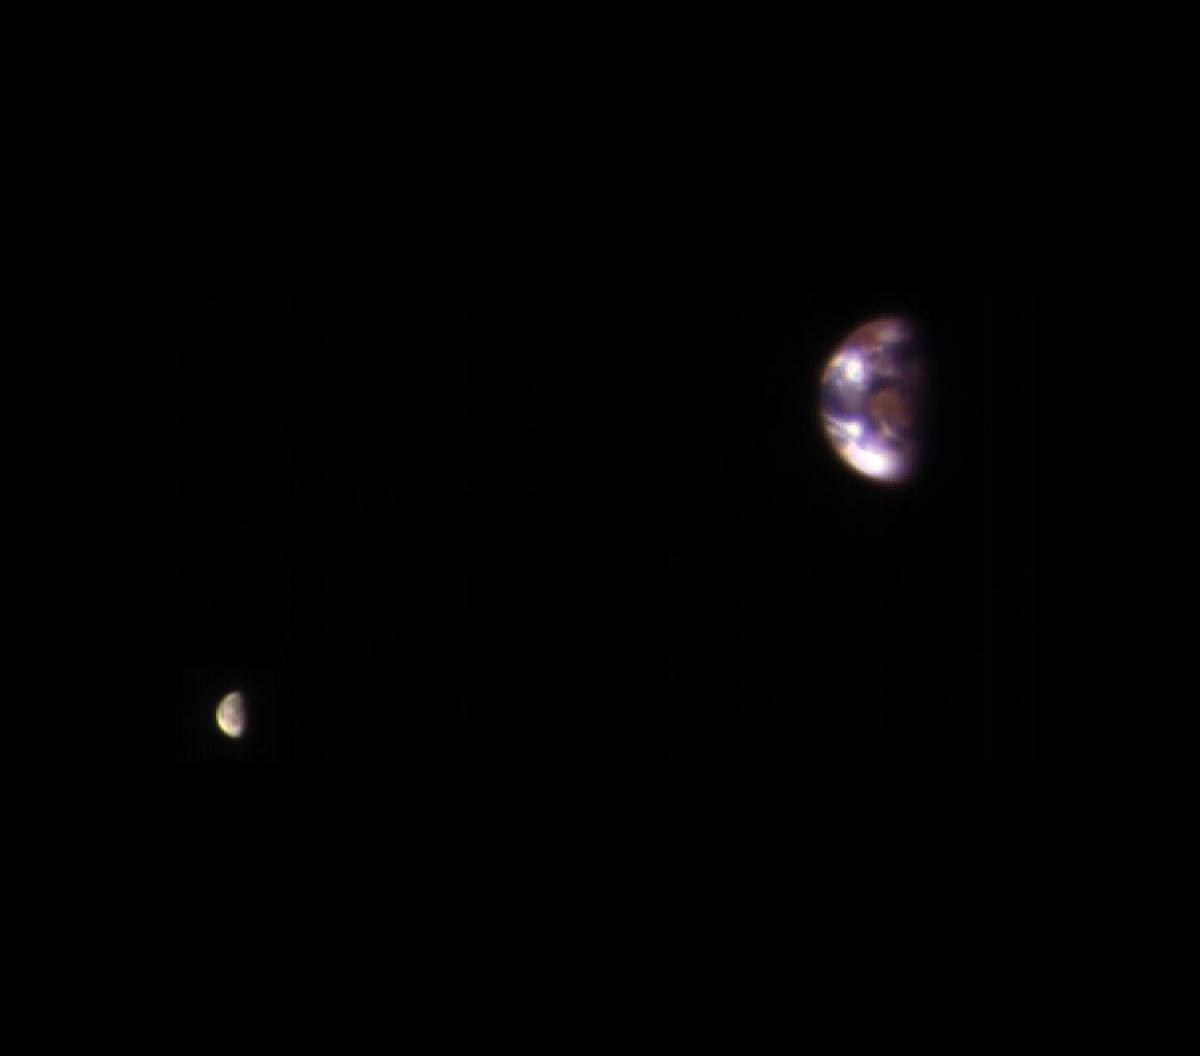 nasa moon mars update - photo #15